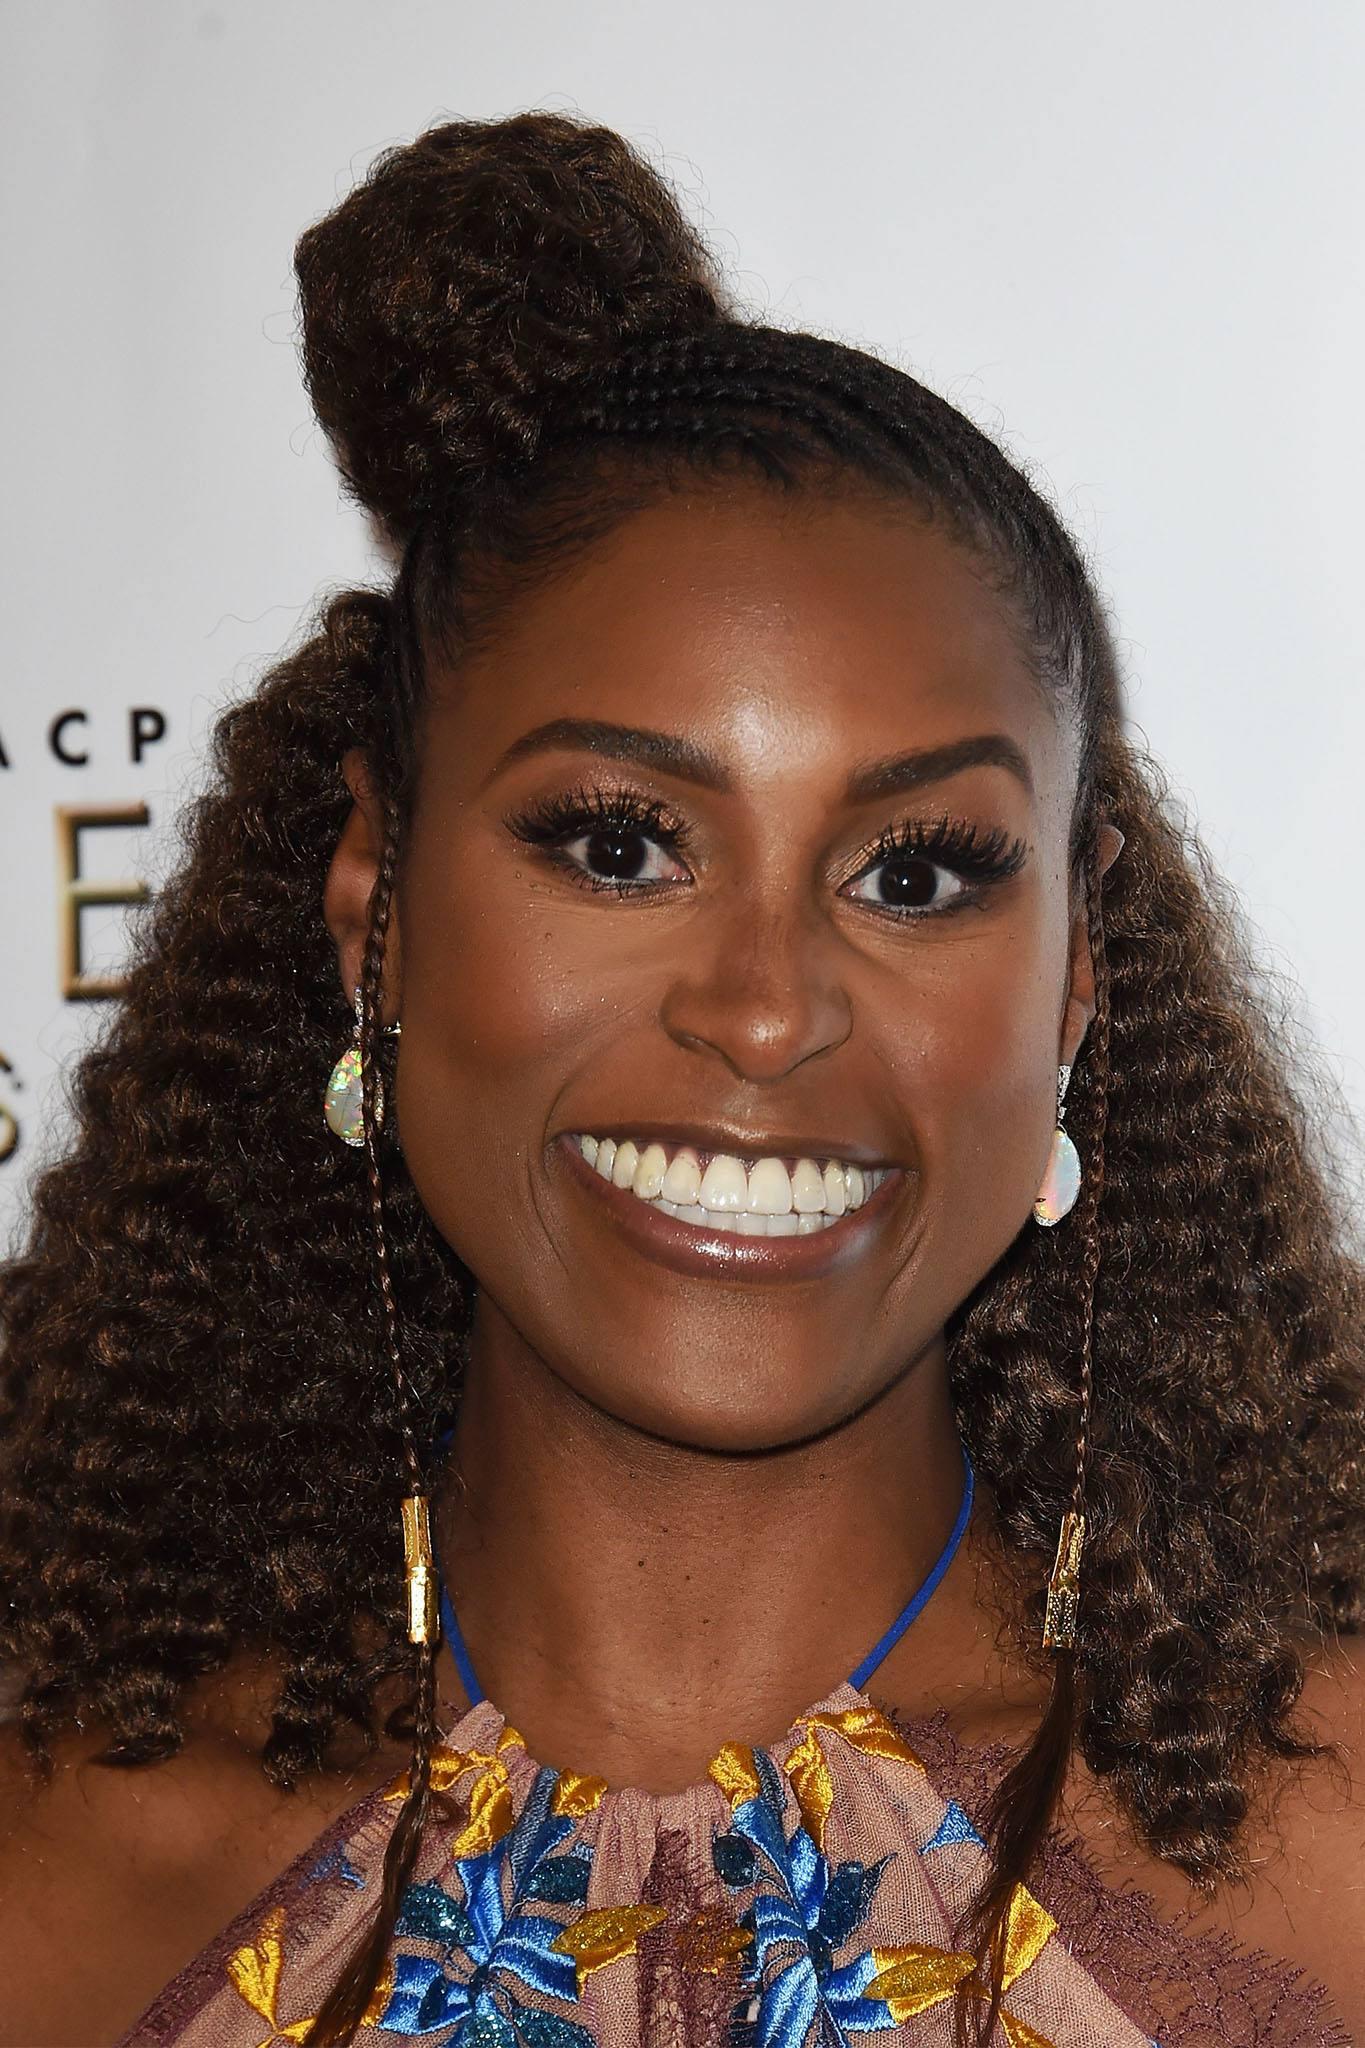 mujer con pelo afro y rodete de lado